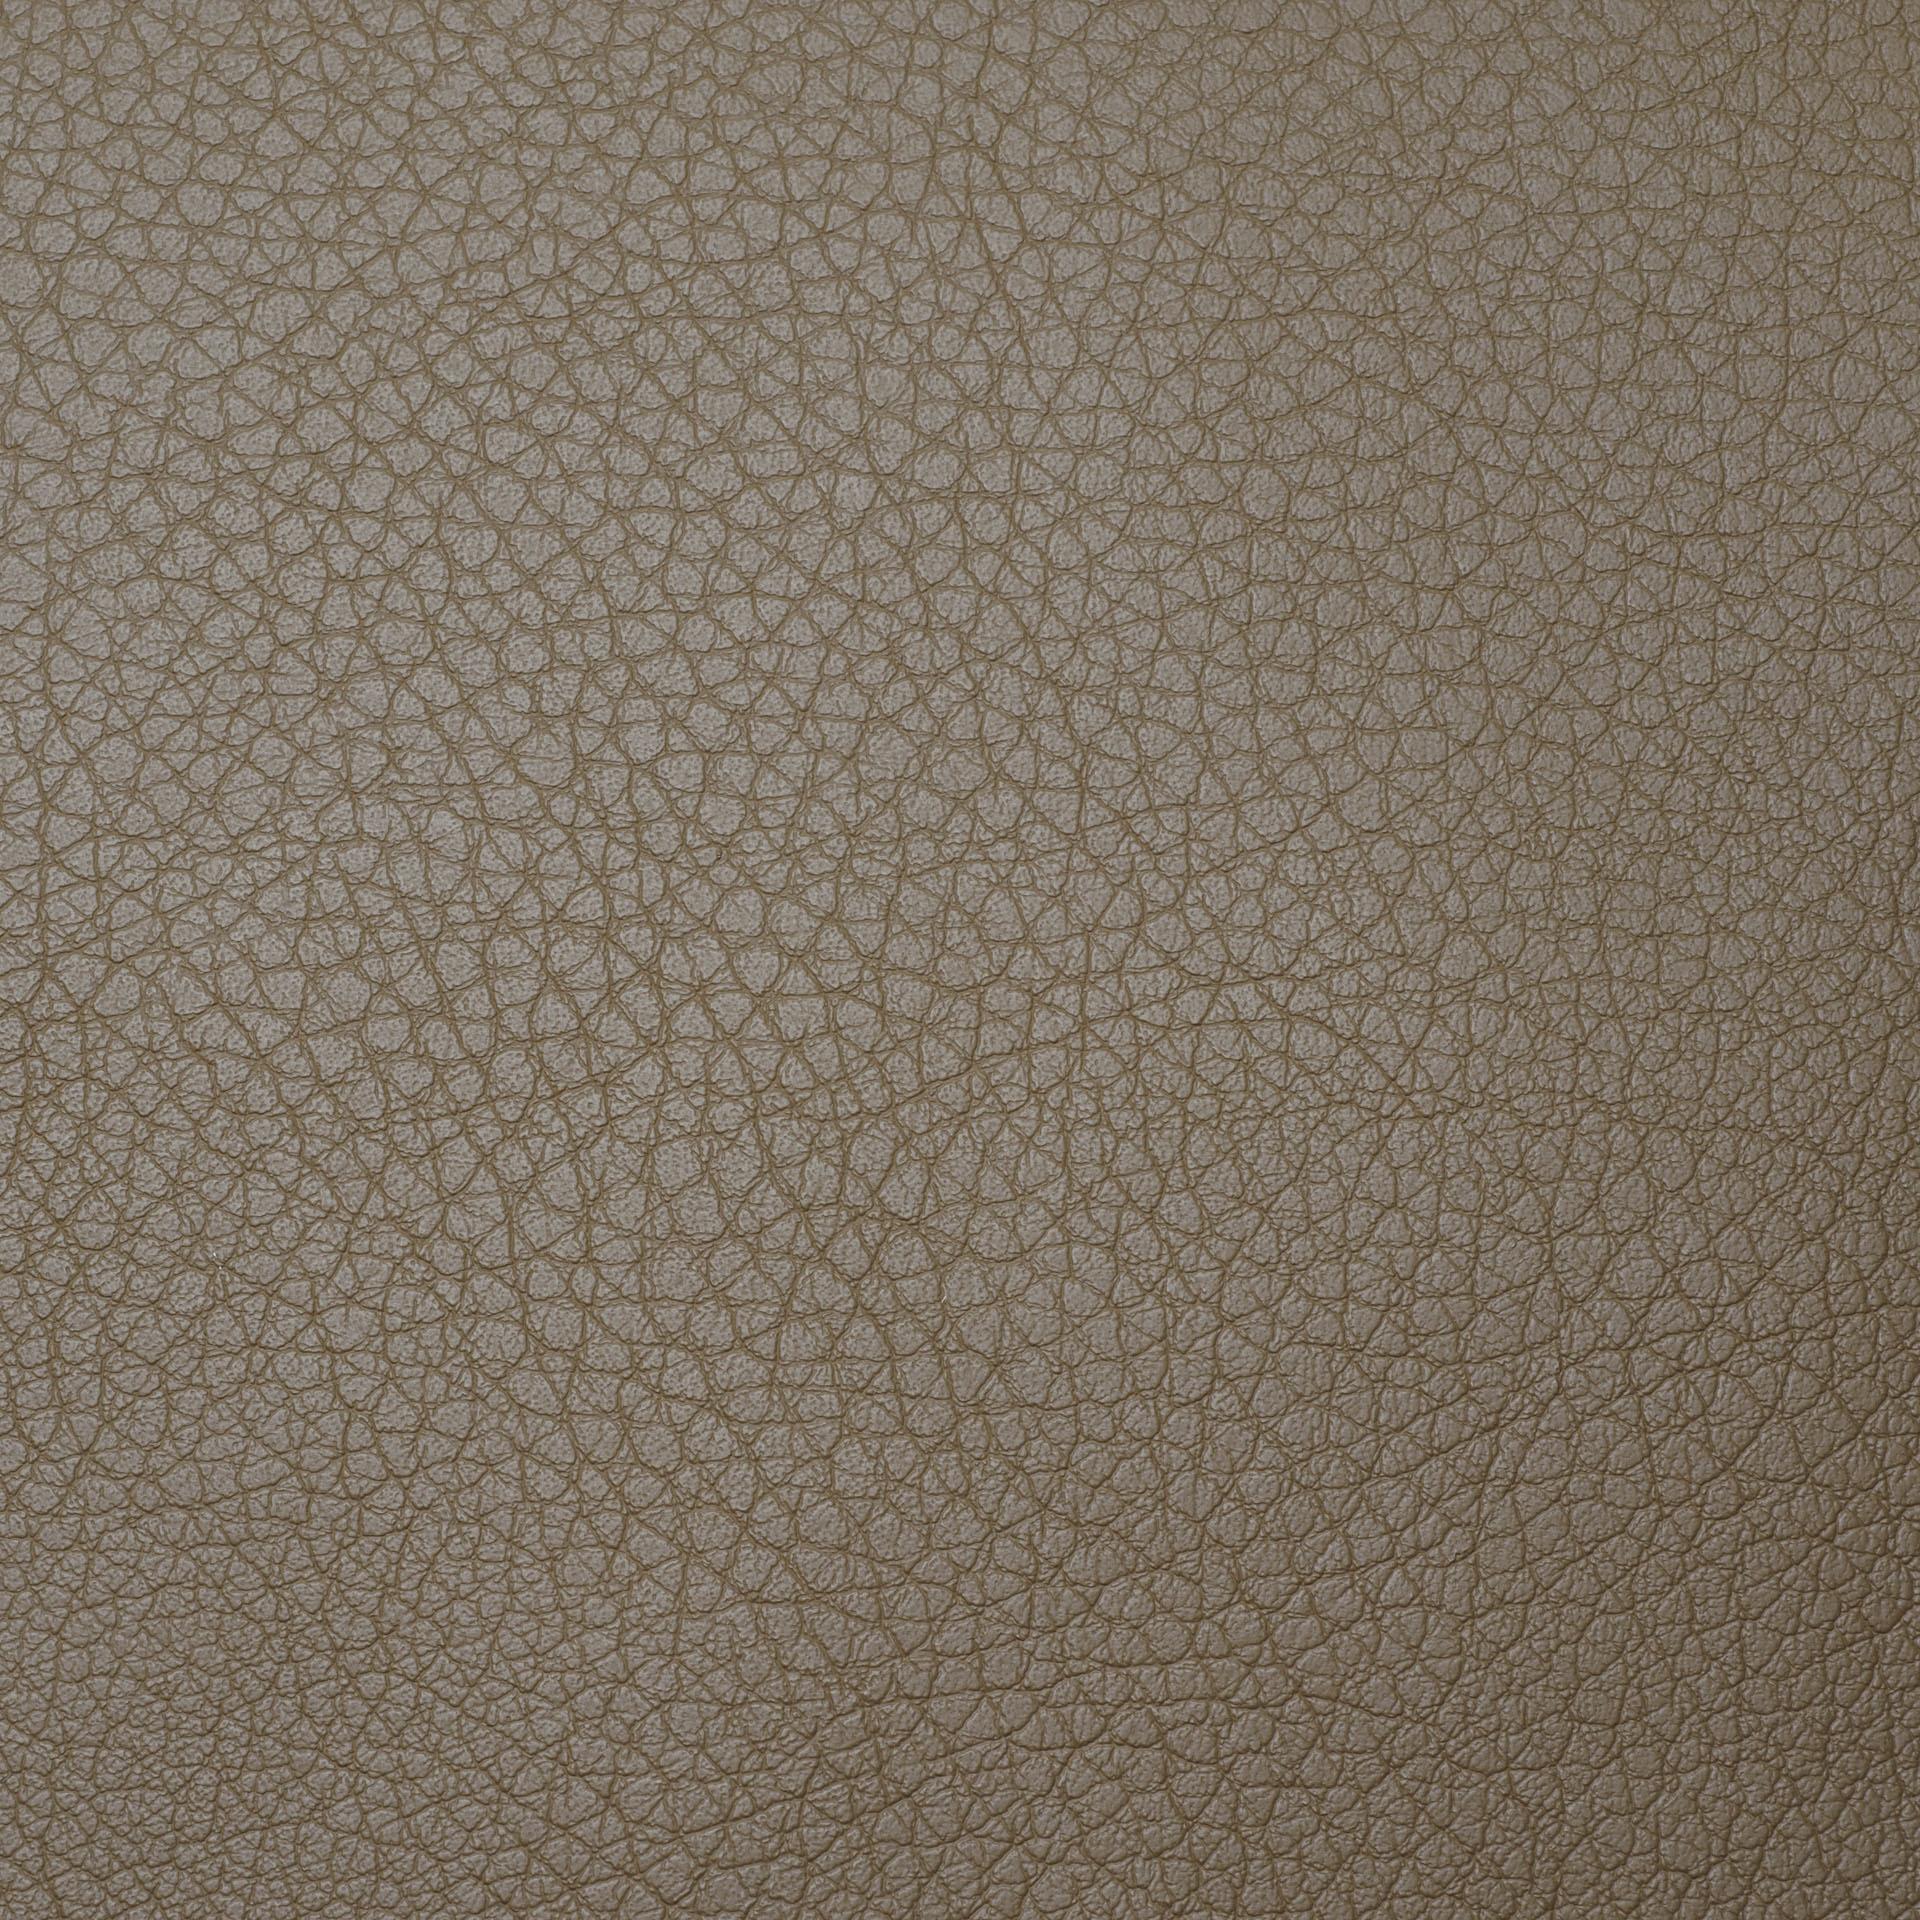 Коллекция ткани Софитель 13 Iced Coffee,  купить ткань Кож зам для мебели Украина